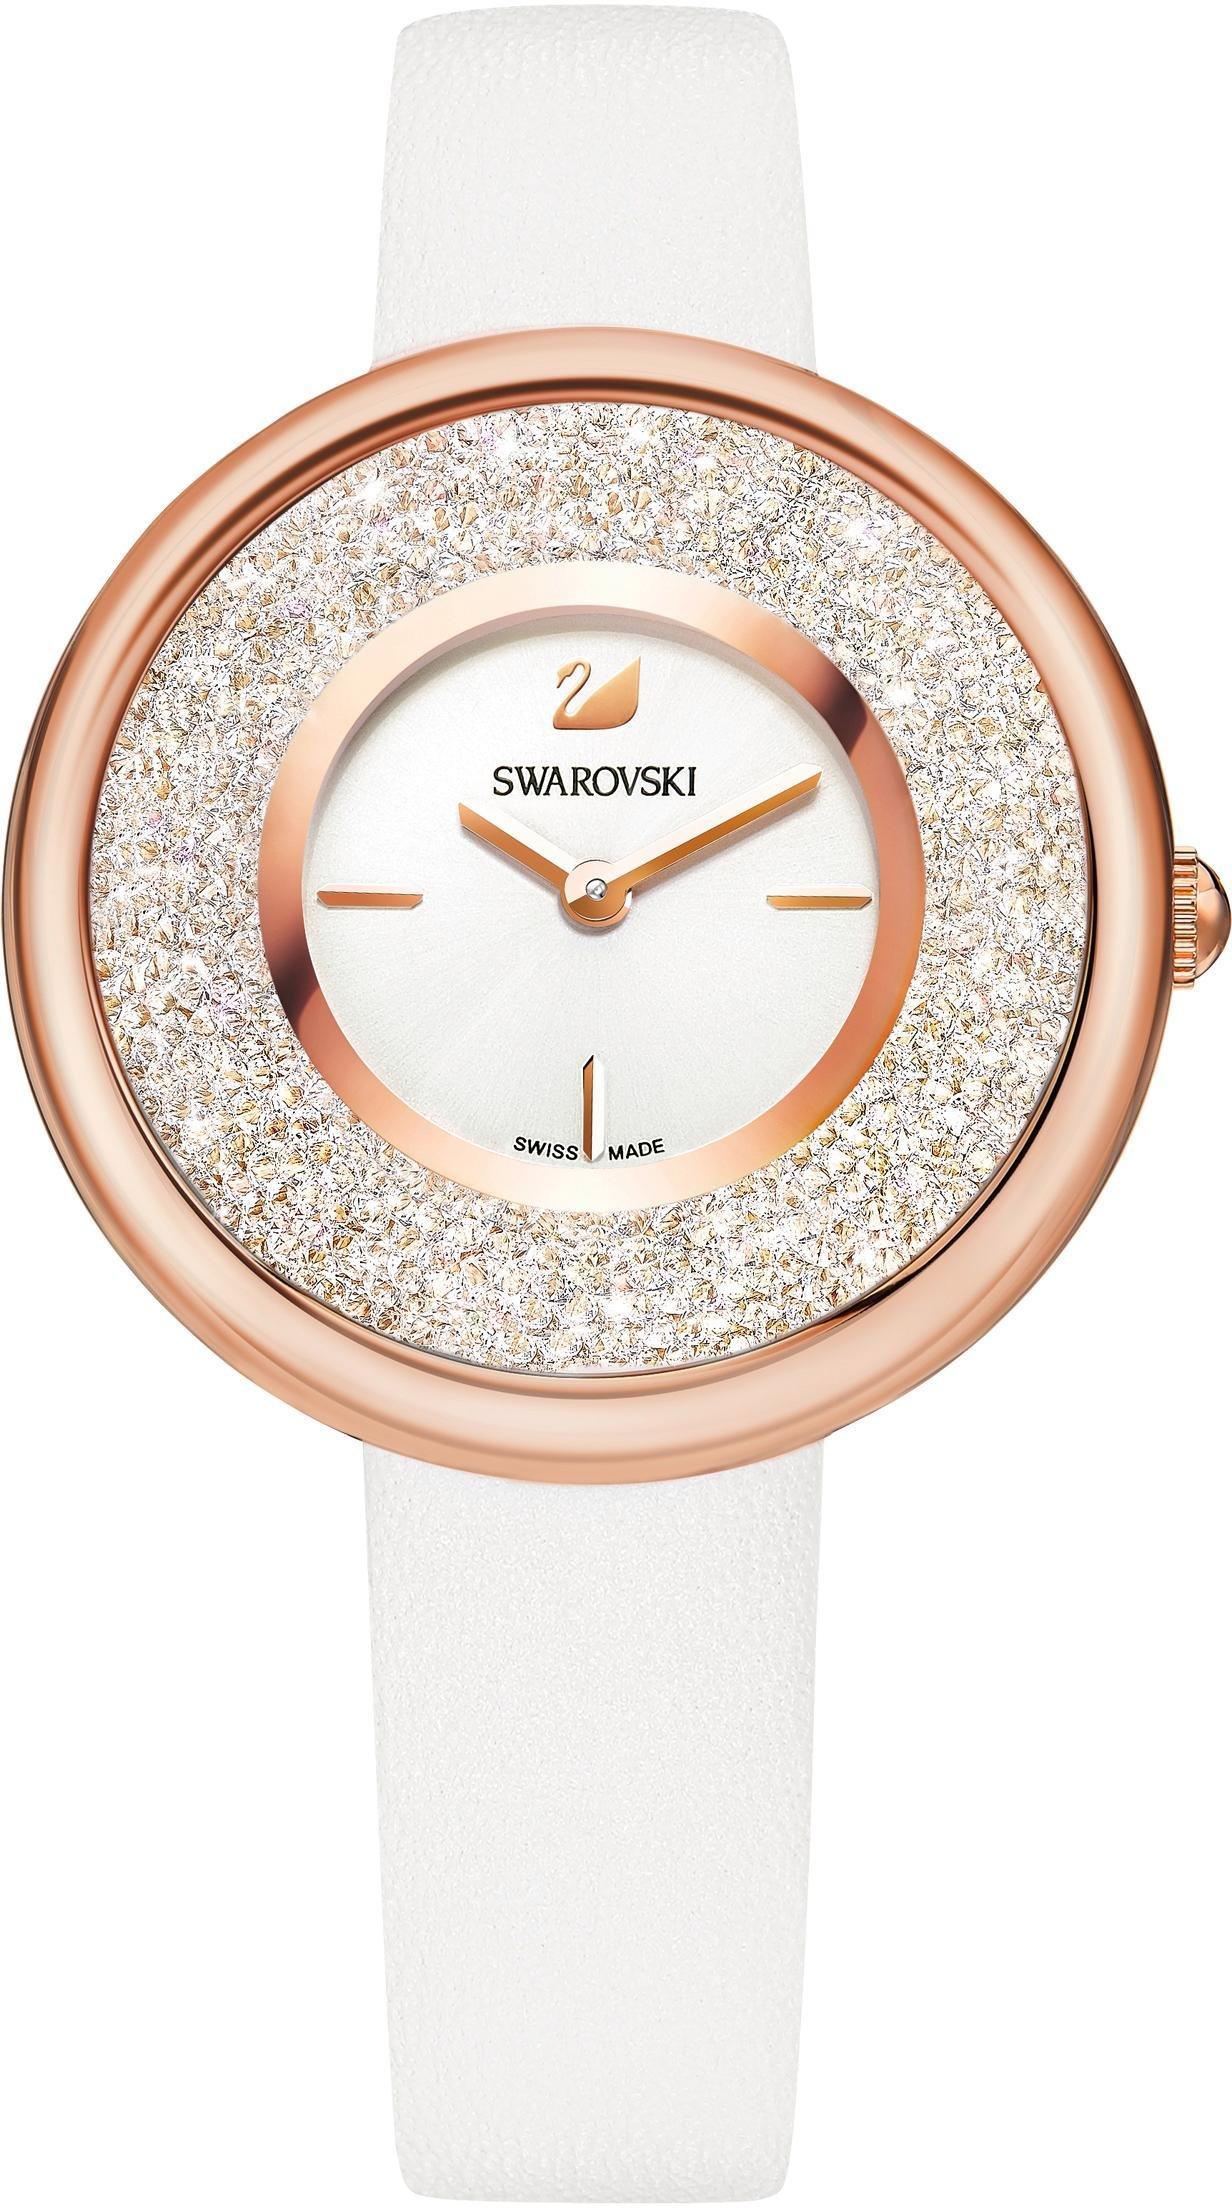 Swarovski Schweizer Uhr Crystalline Pure Uhr Lederarmband weiss roséfarben 5376083